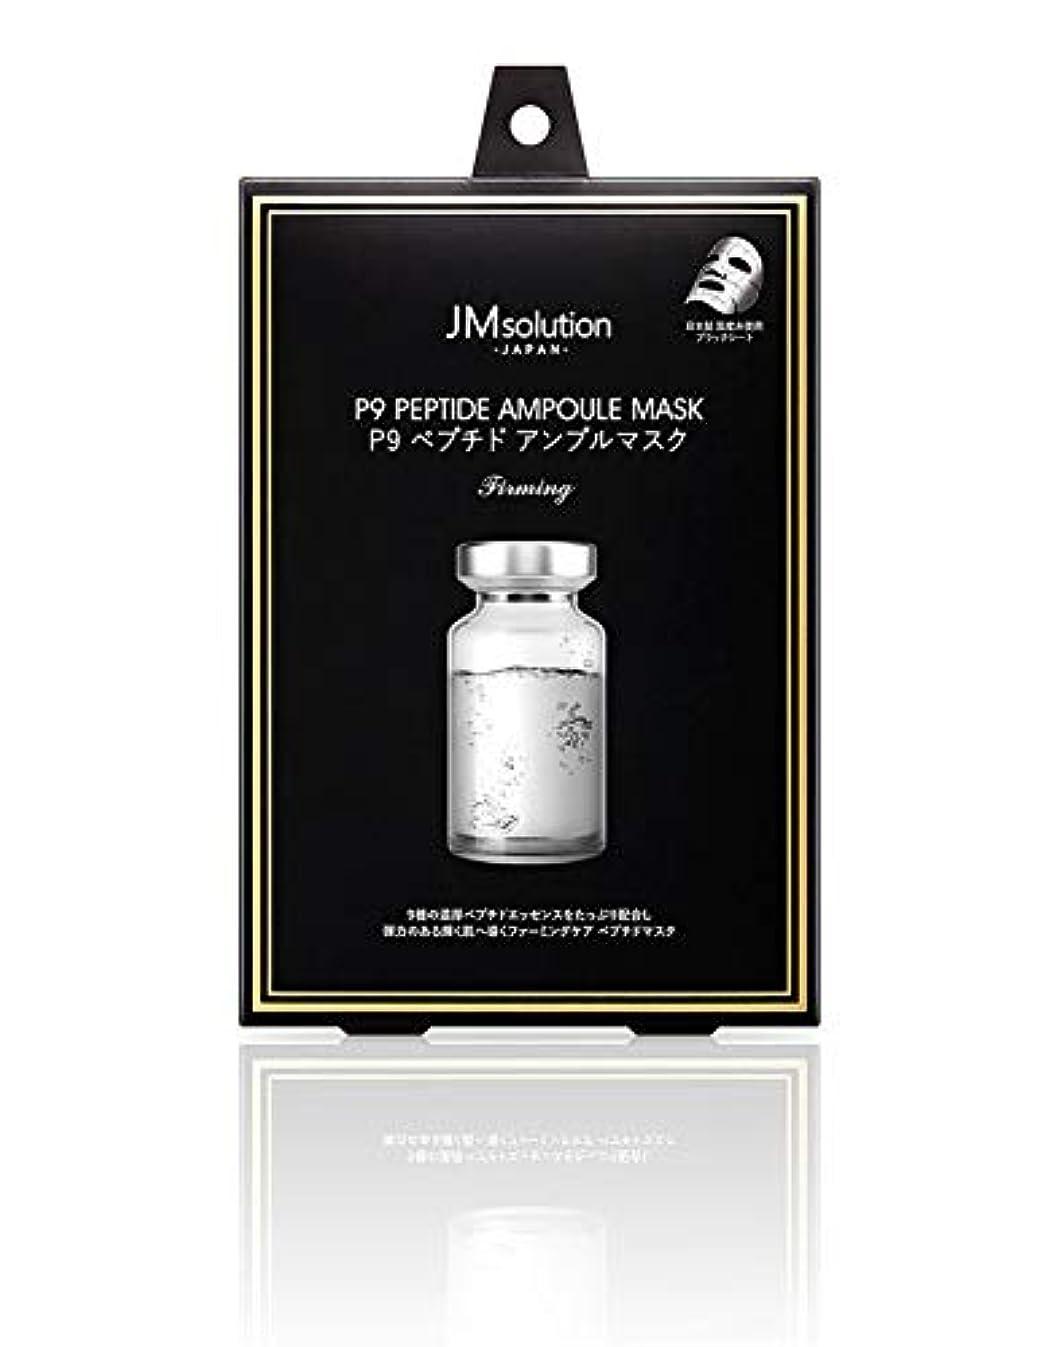 カートン召集する反映するJMsolution P9 ペプチド アンプルマスク ファーミング 30g×5枚(箱入り)